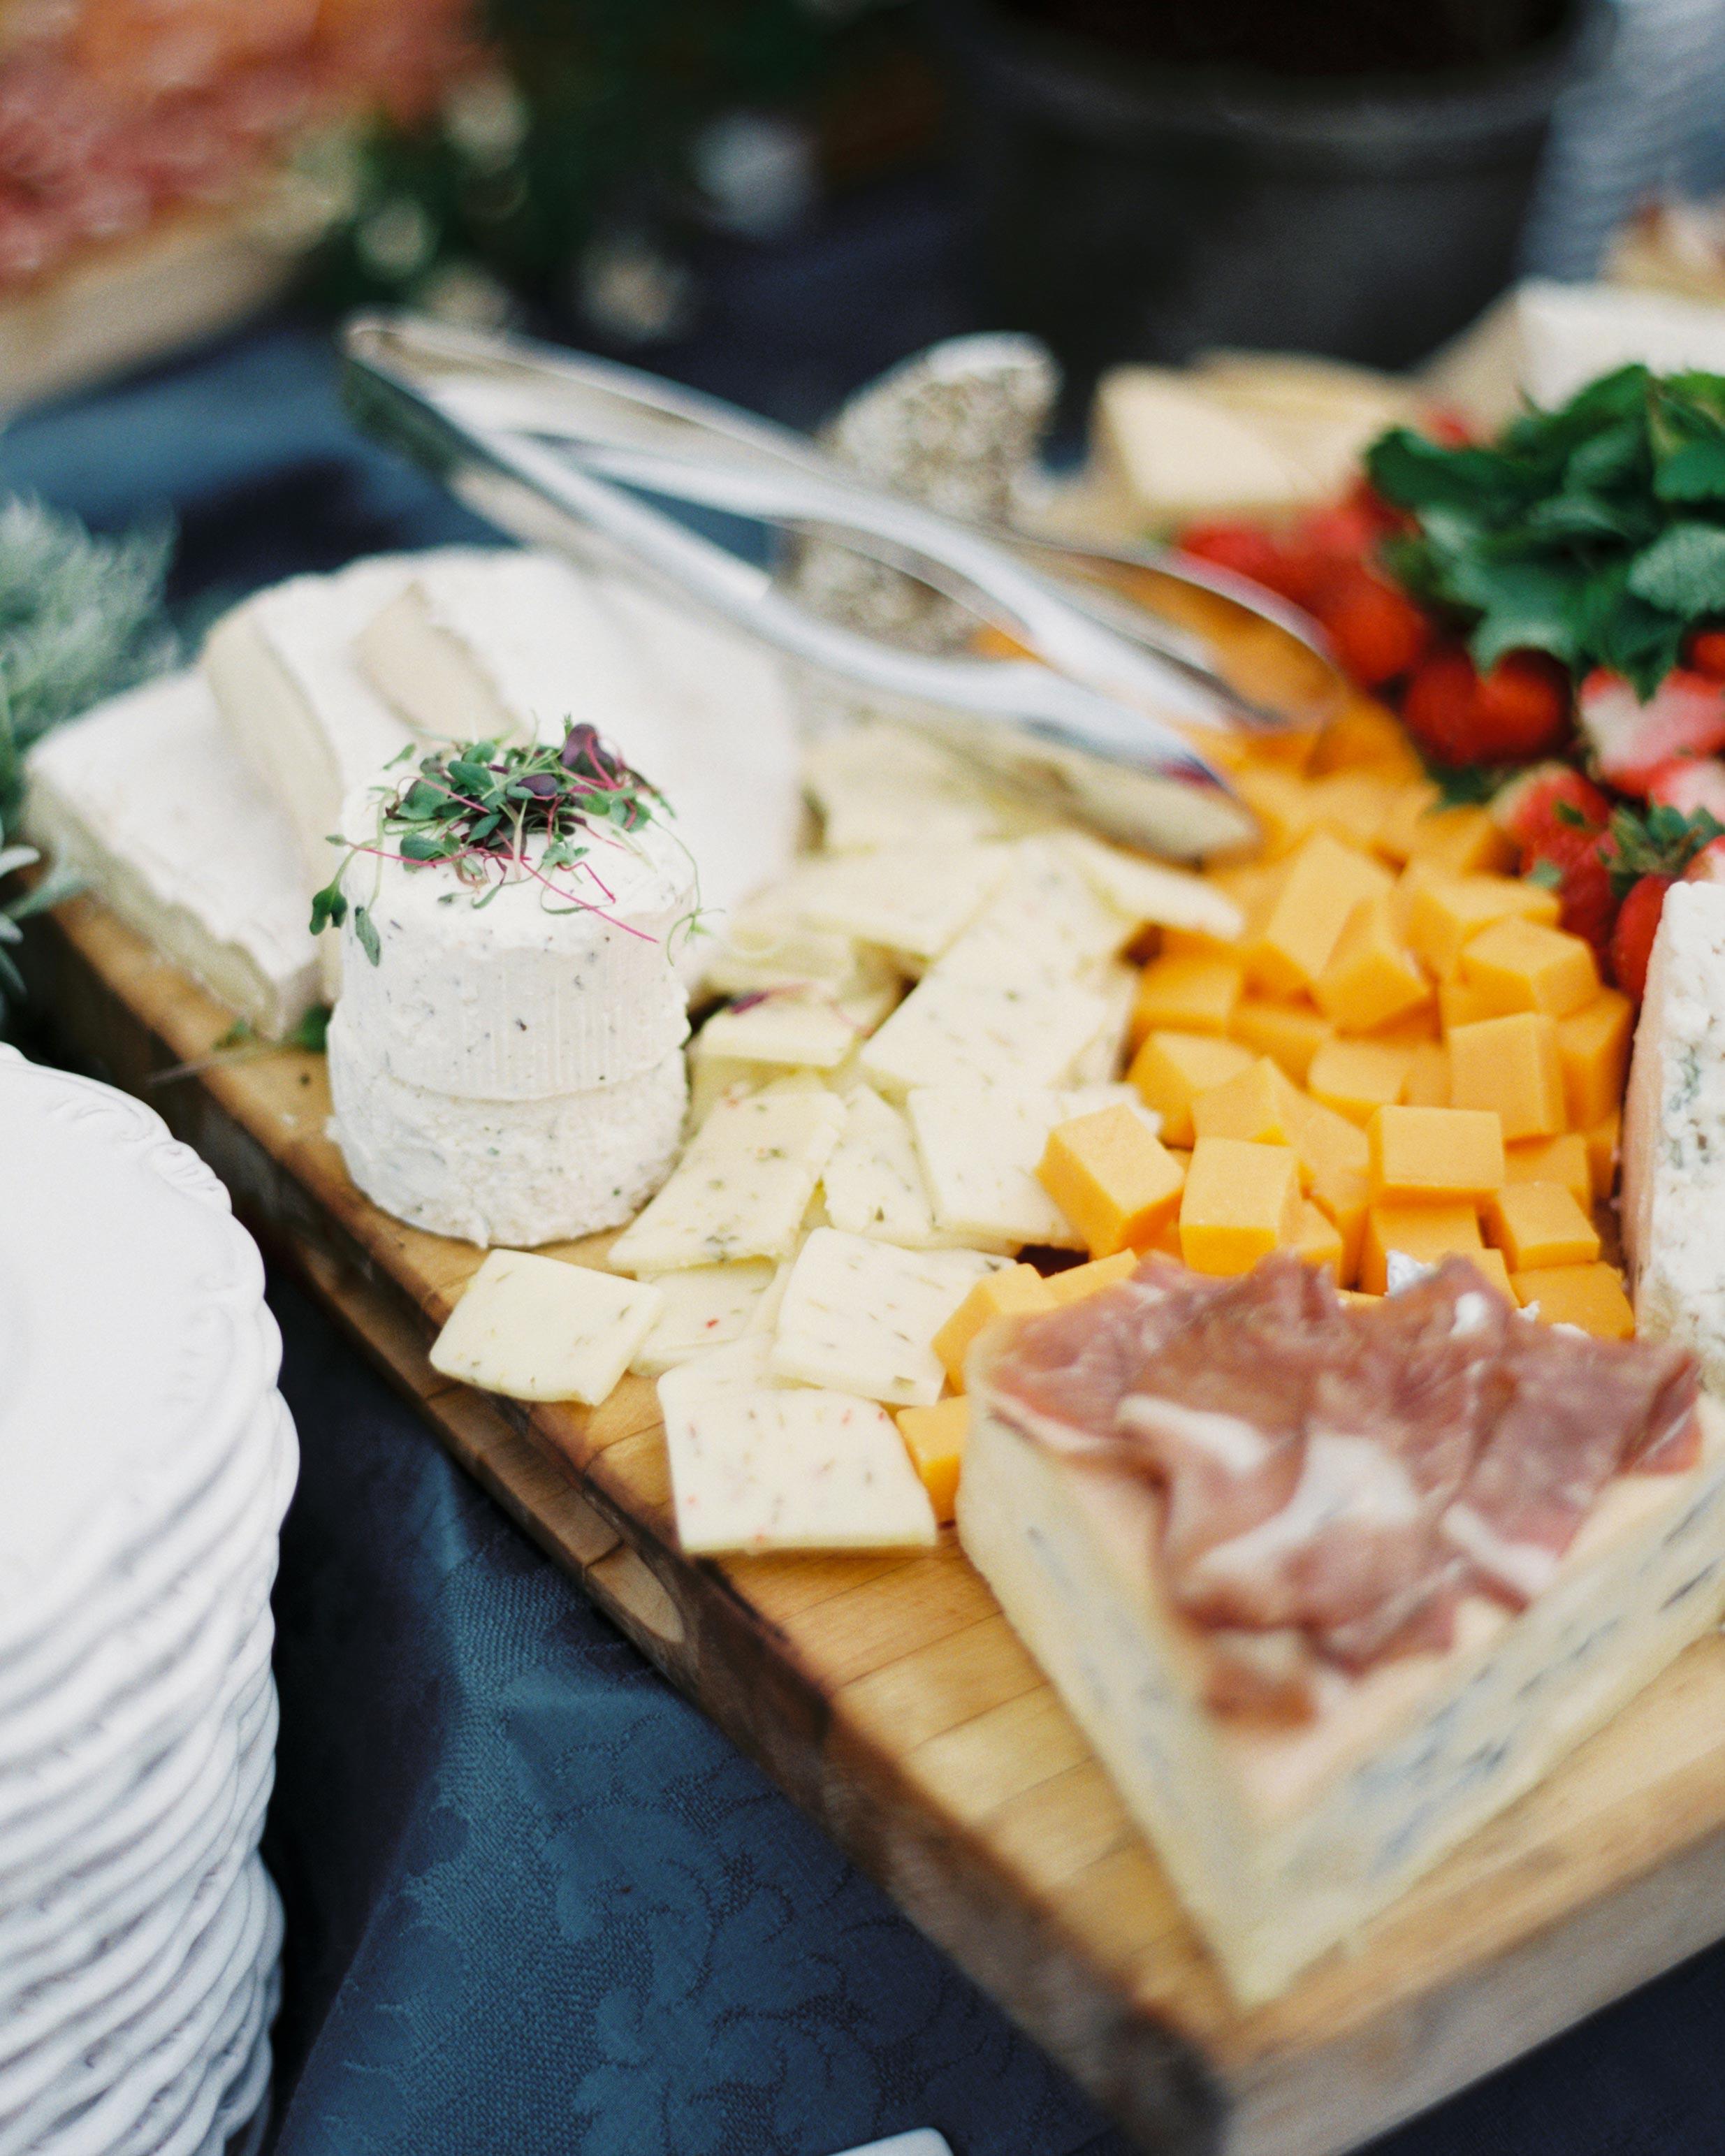 ginny-andrew-wedding-cheese-0658-s112676-0216.jpg